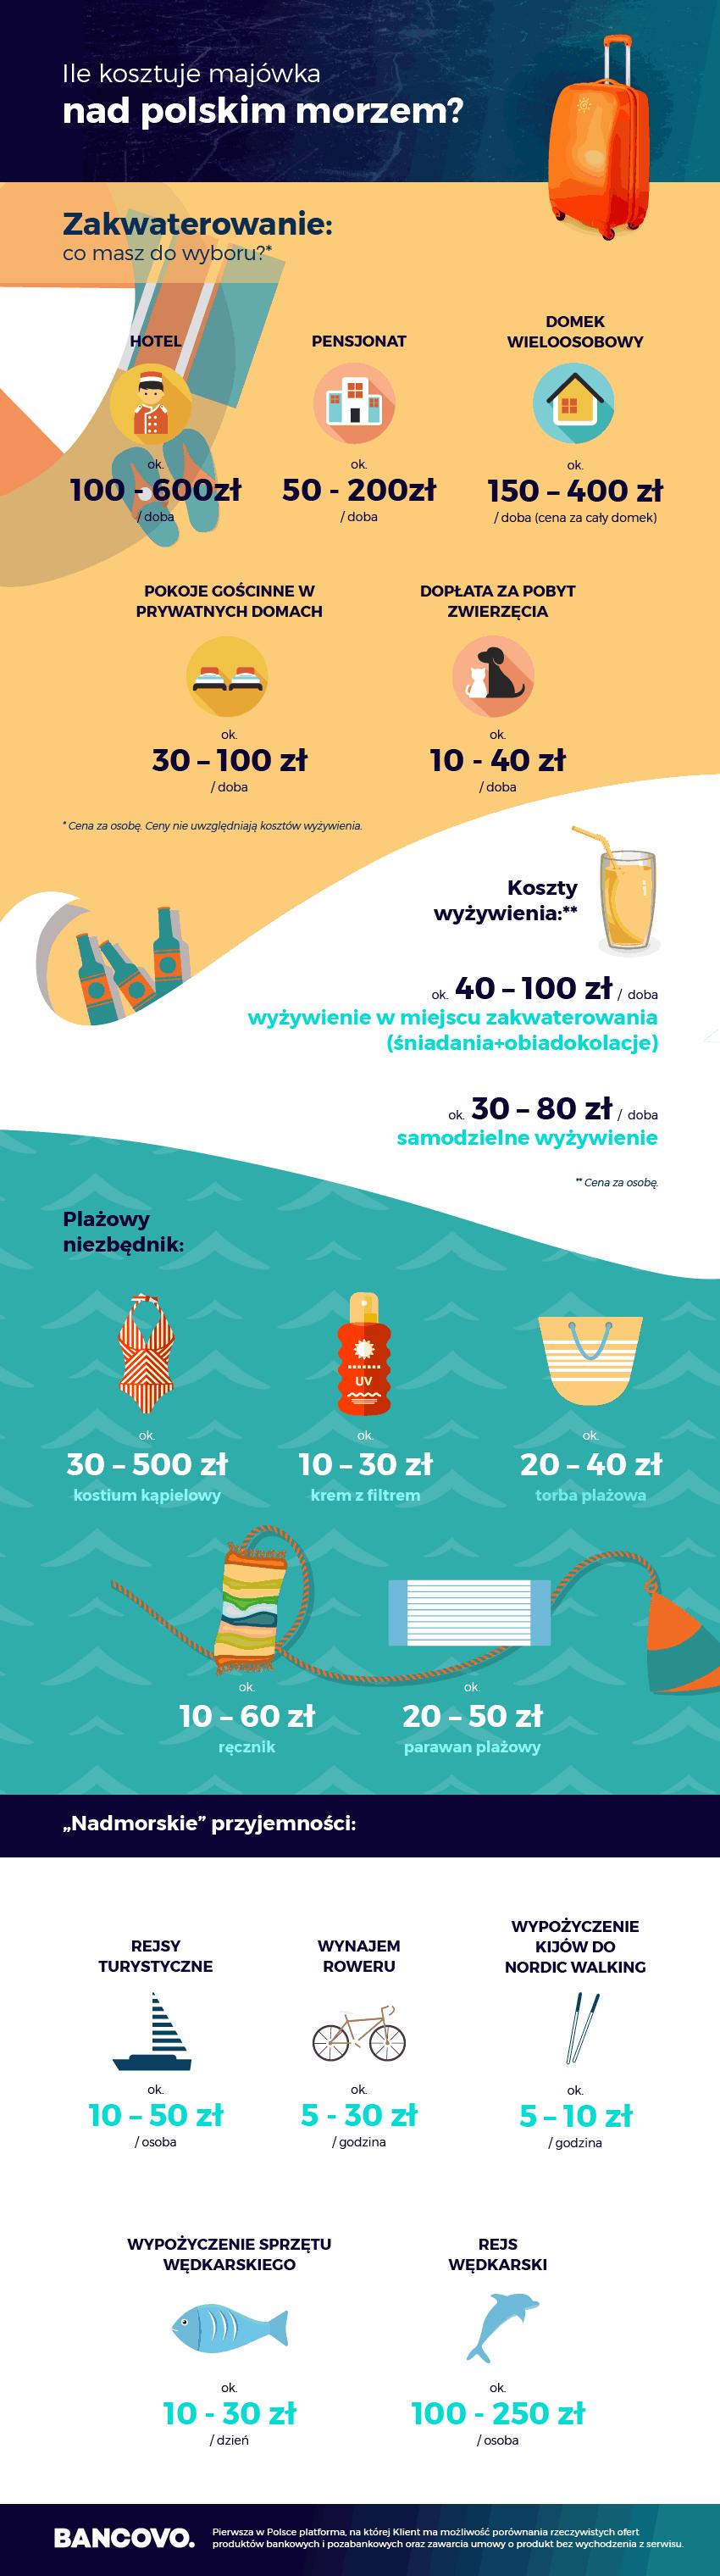 cena majówki nad morzem